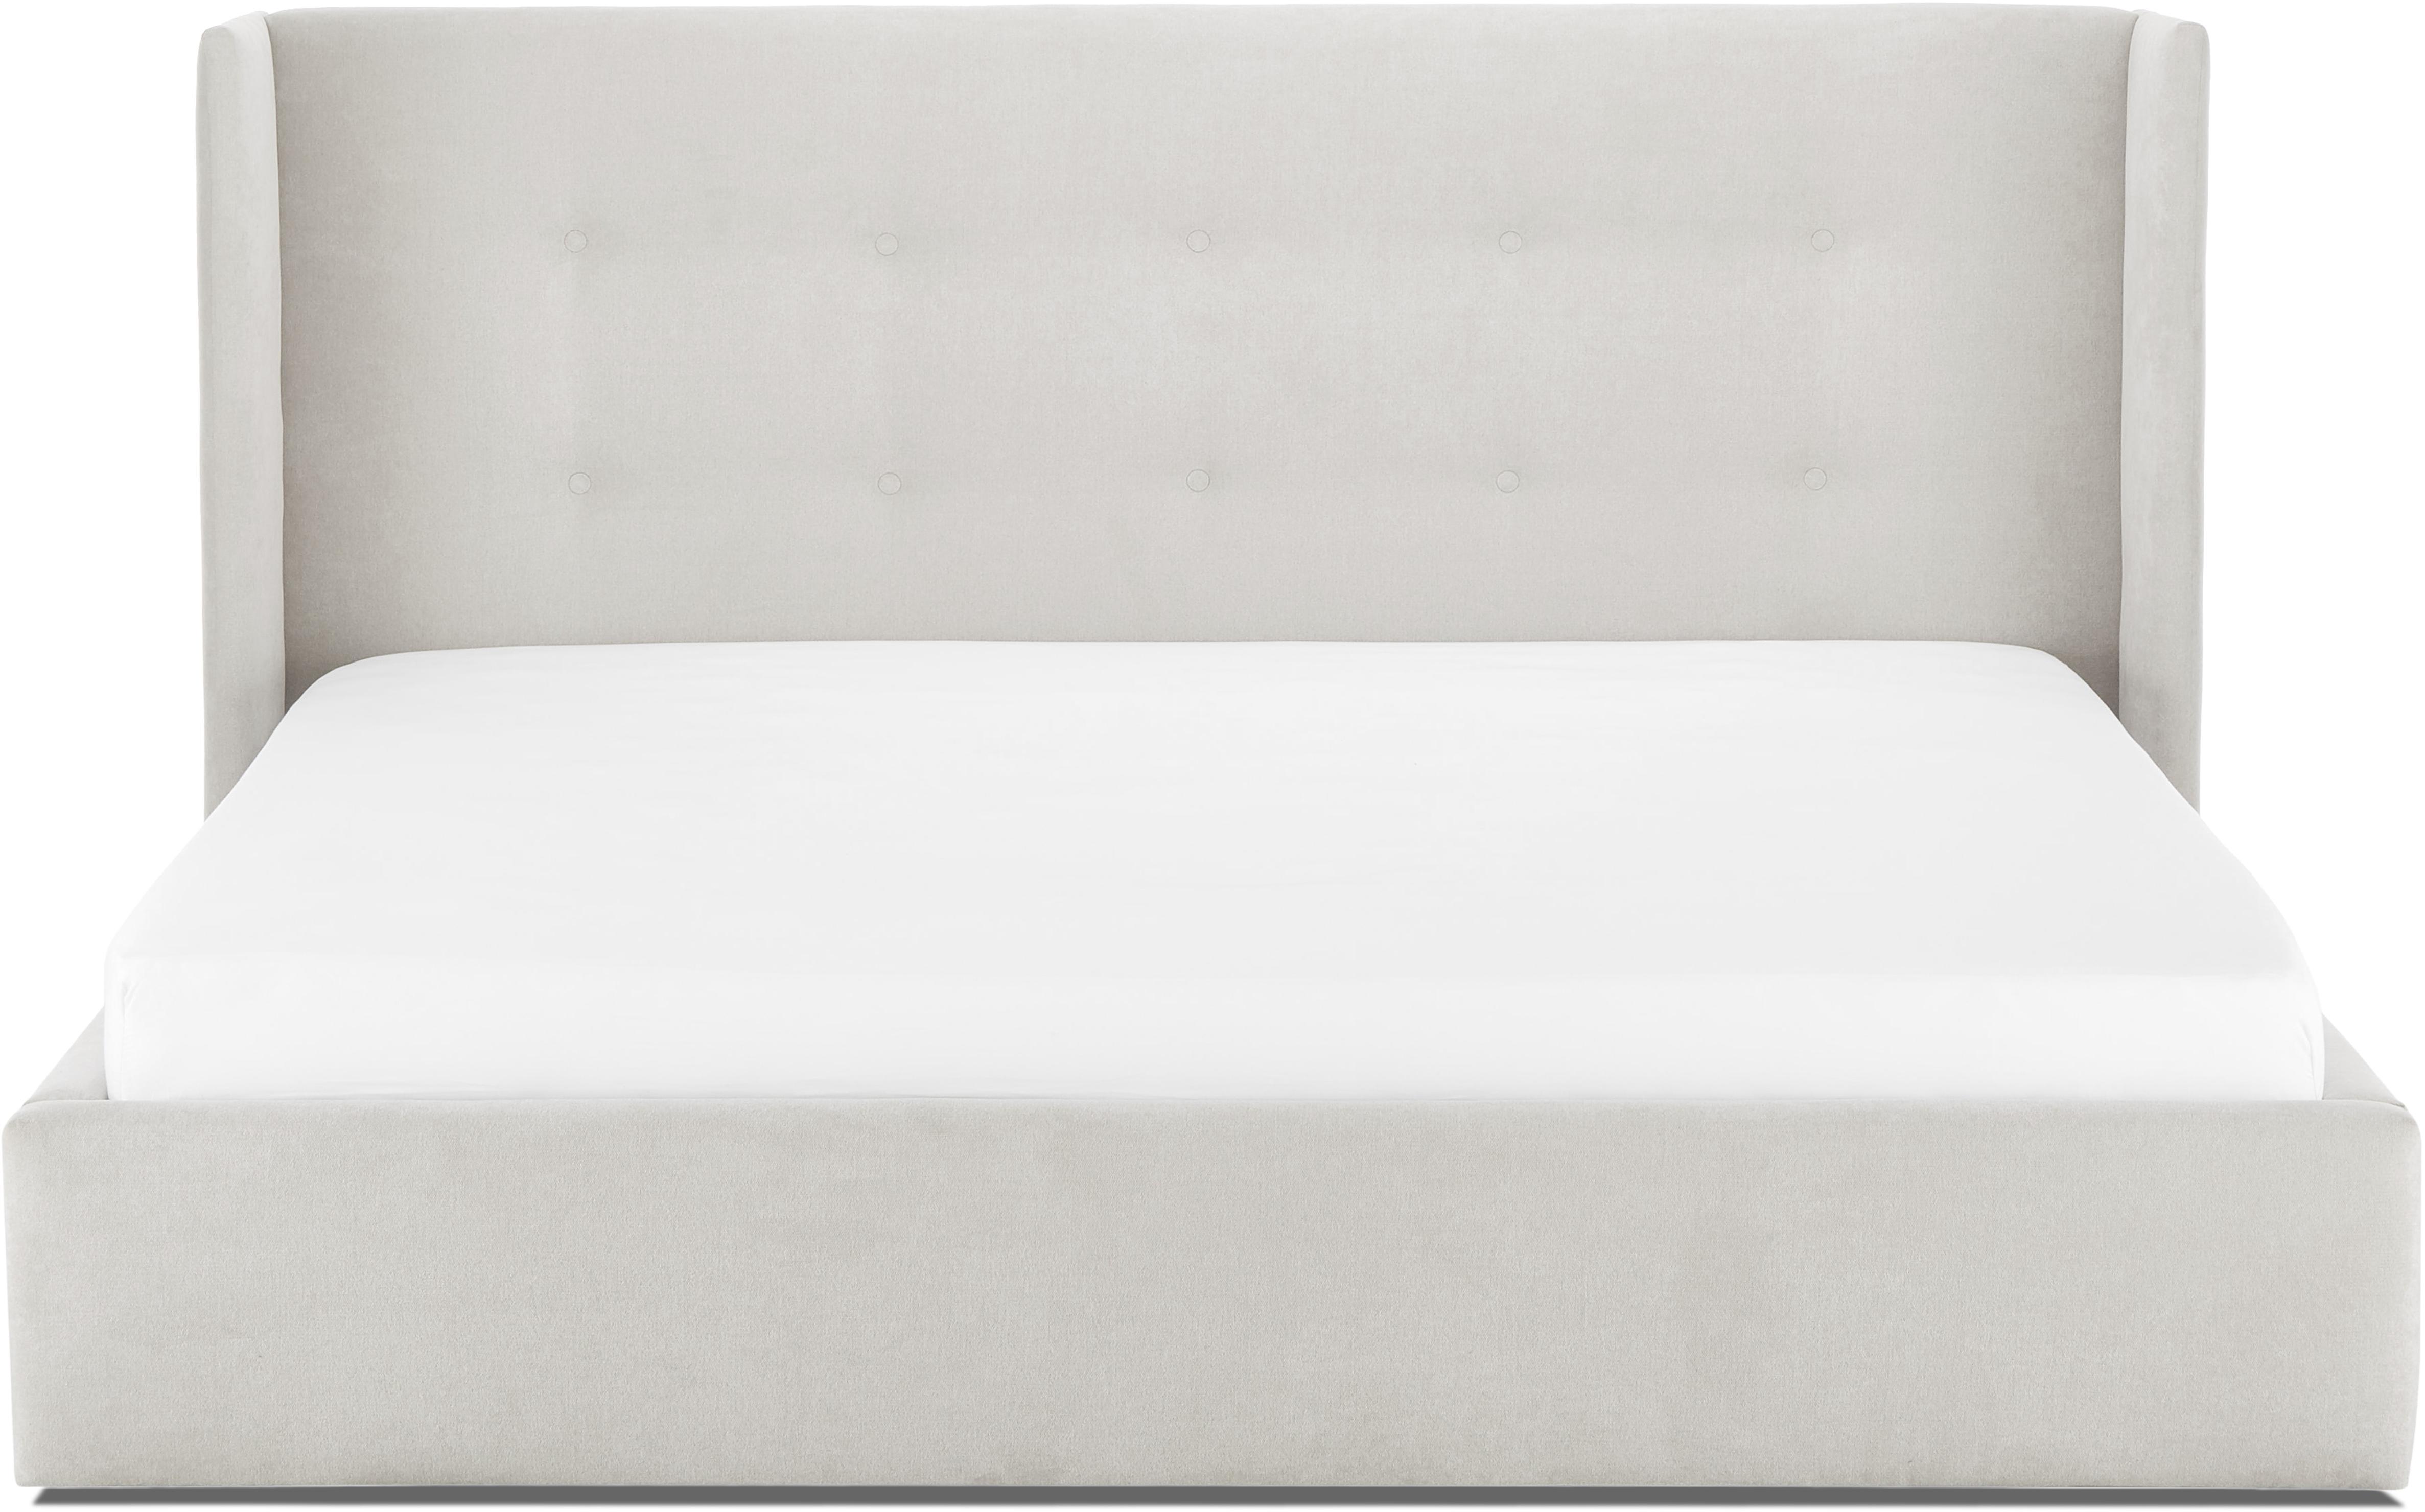 Letto matrimoniale imbottito Star, Rivestimento: velluto di poliestere 40., Grigio chiaro, Larg. 180 x Lung. 200 cm